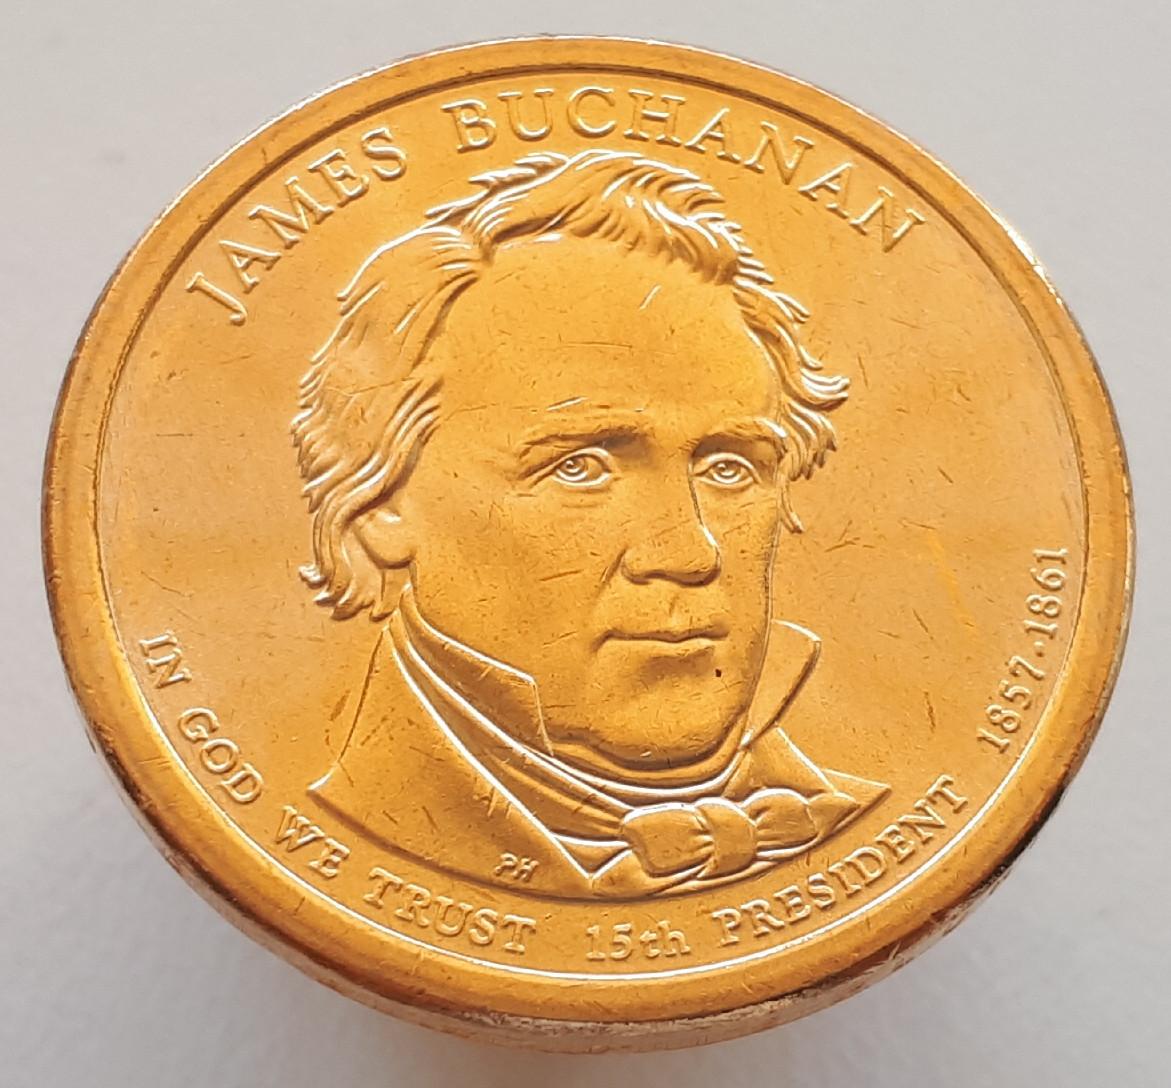 США 1 долар 2010 - Джеймс Б'юкенен 15 Президент